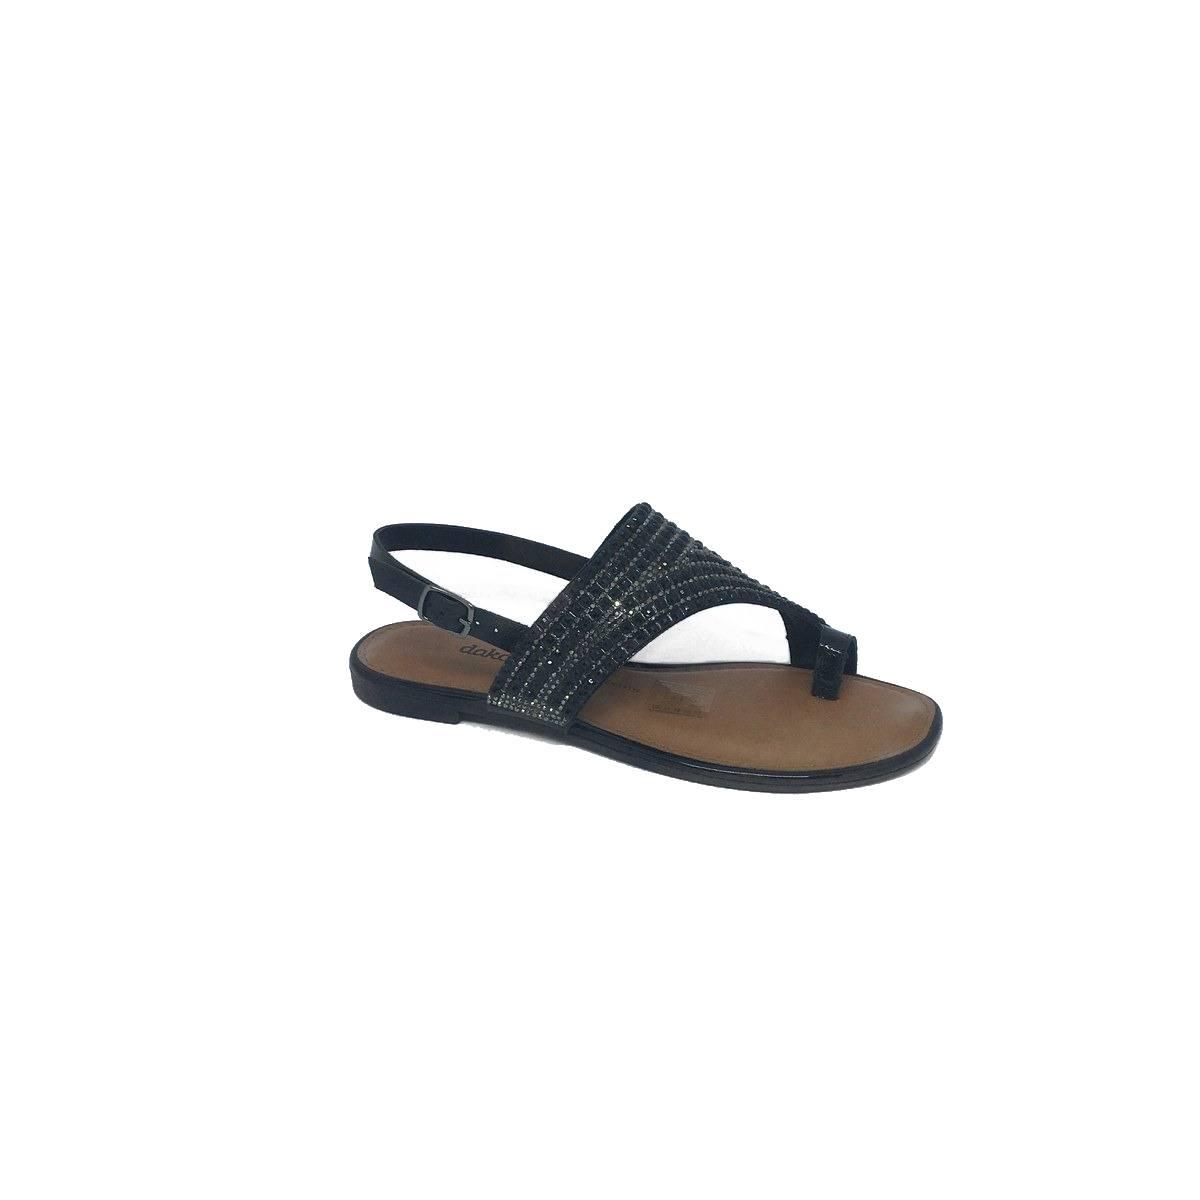 Sandália Dakota Preto